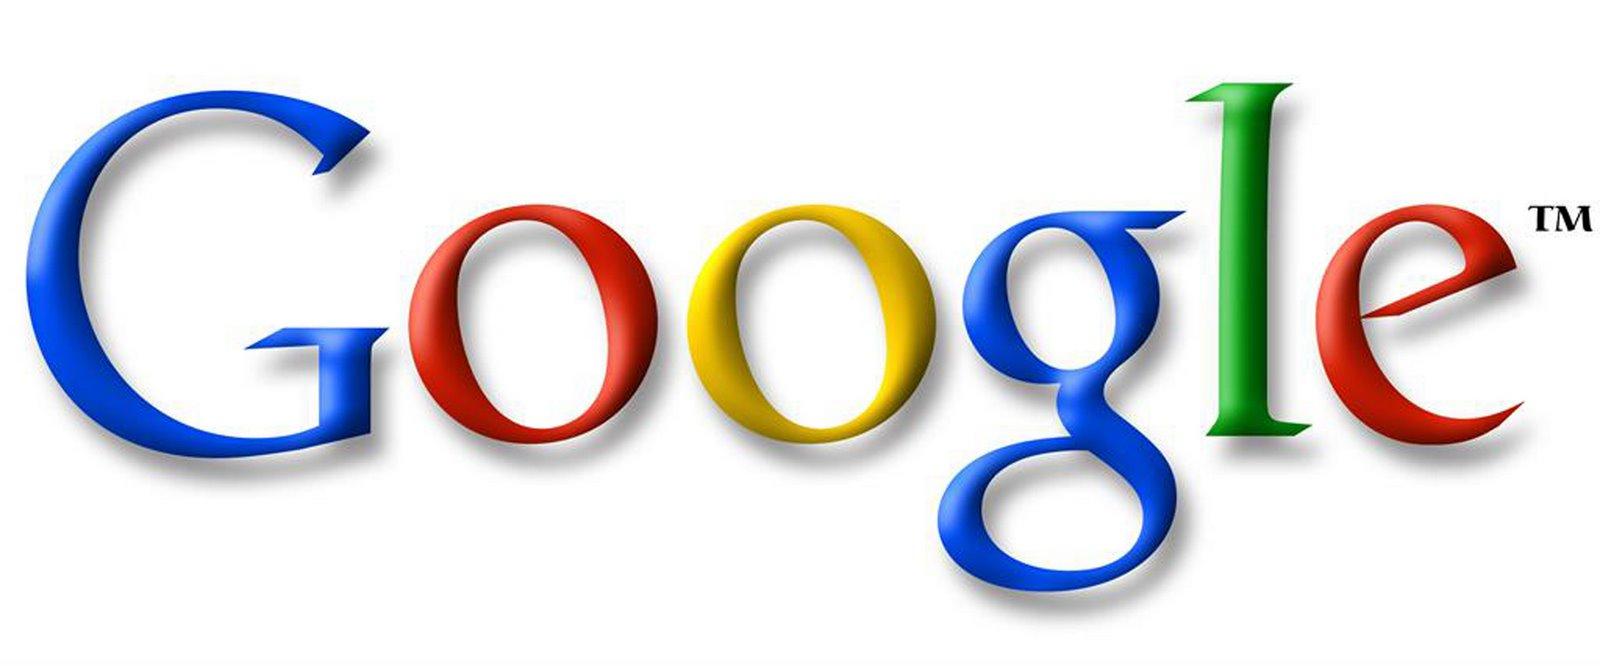 https://i2.wp.com/tecnologyc.com/wp-content/2009/11/google.jpg